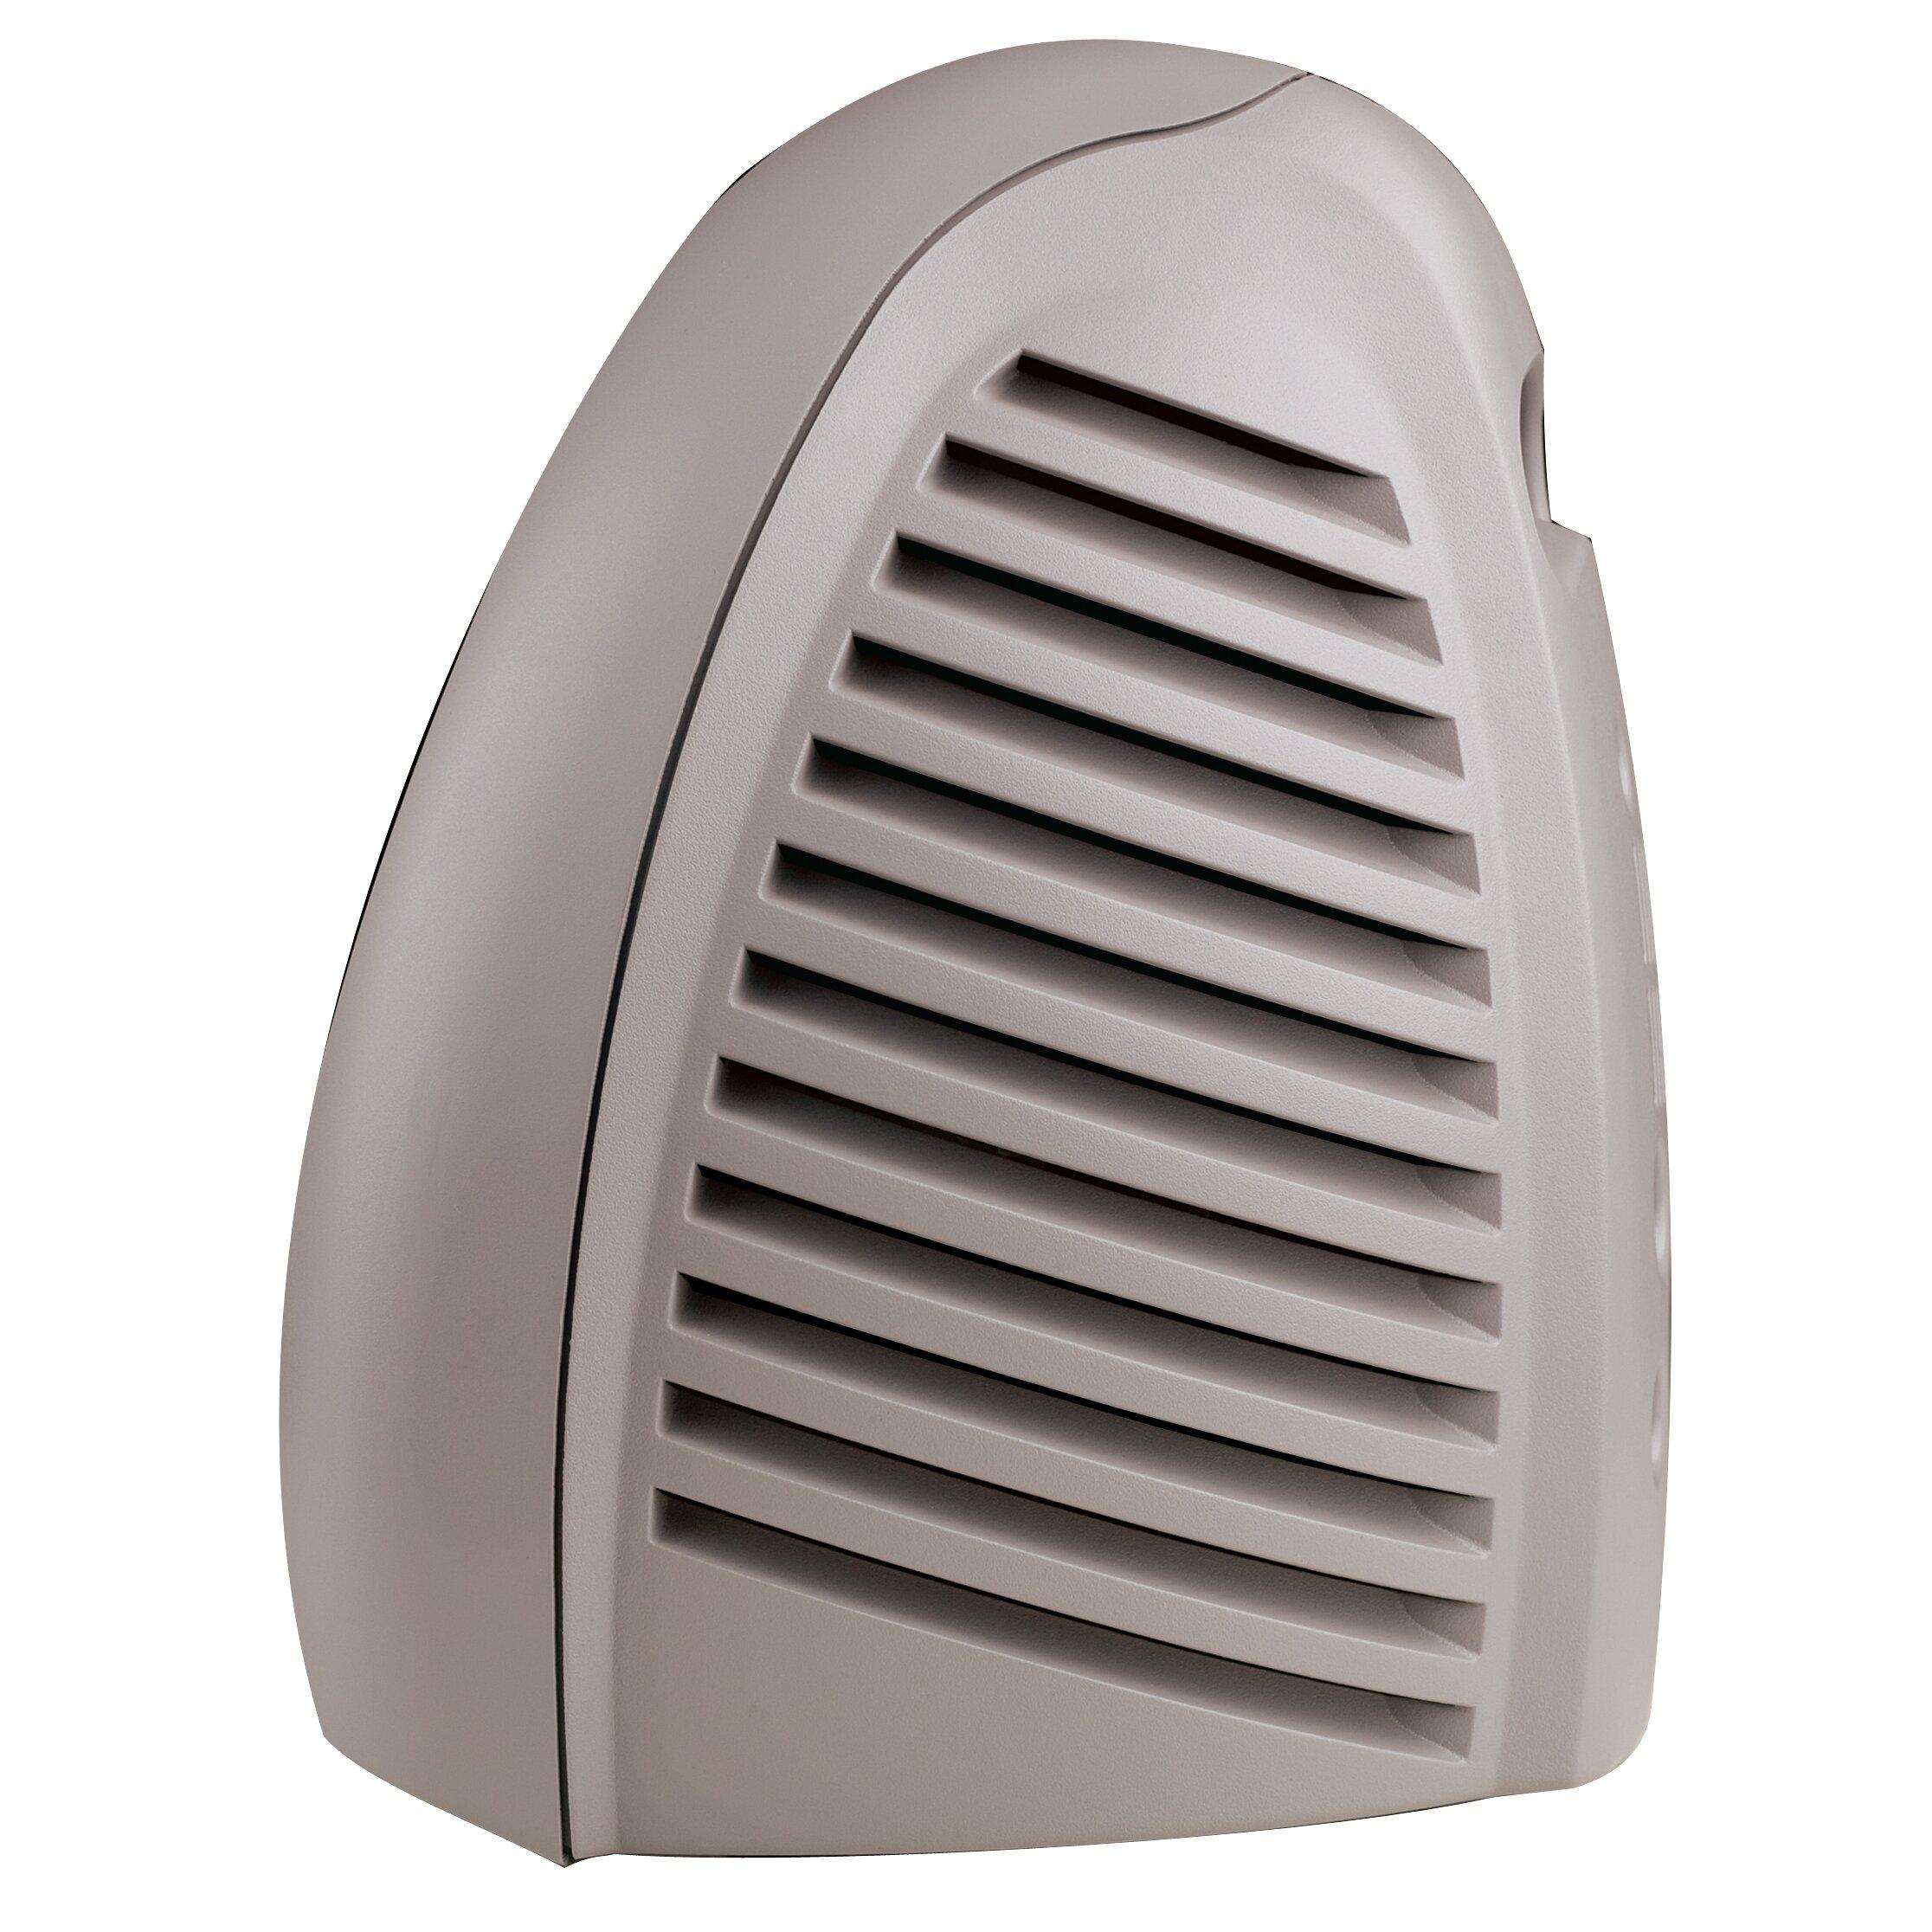 Vornado 1500 Watt Portable Electric Fan Heater With